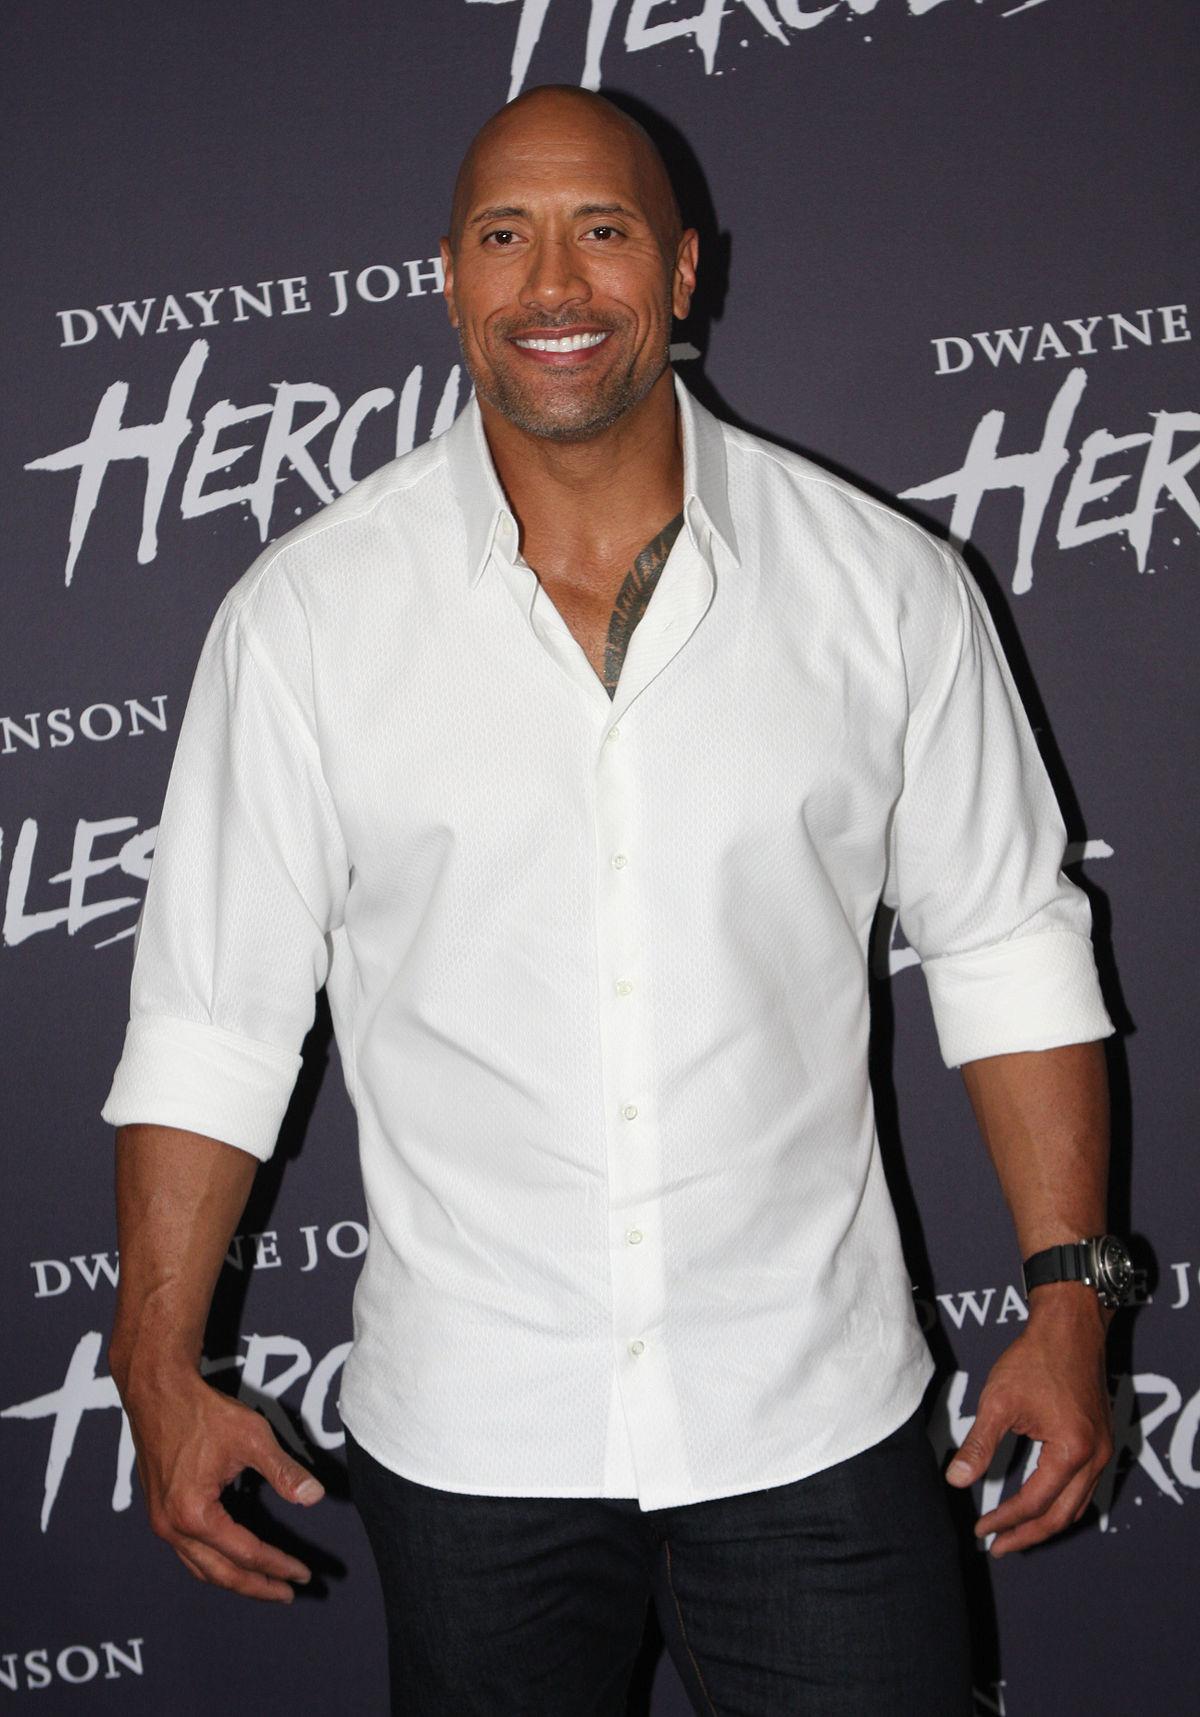 Дуэйн Джонсон получит звезду на Голливудской аллее славы